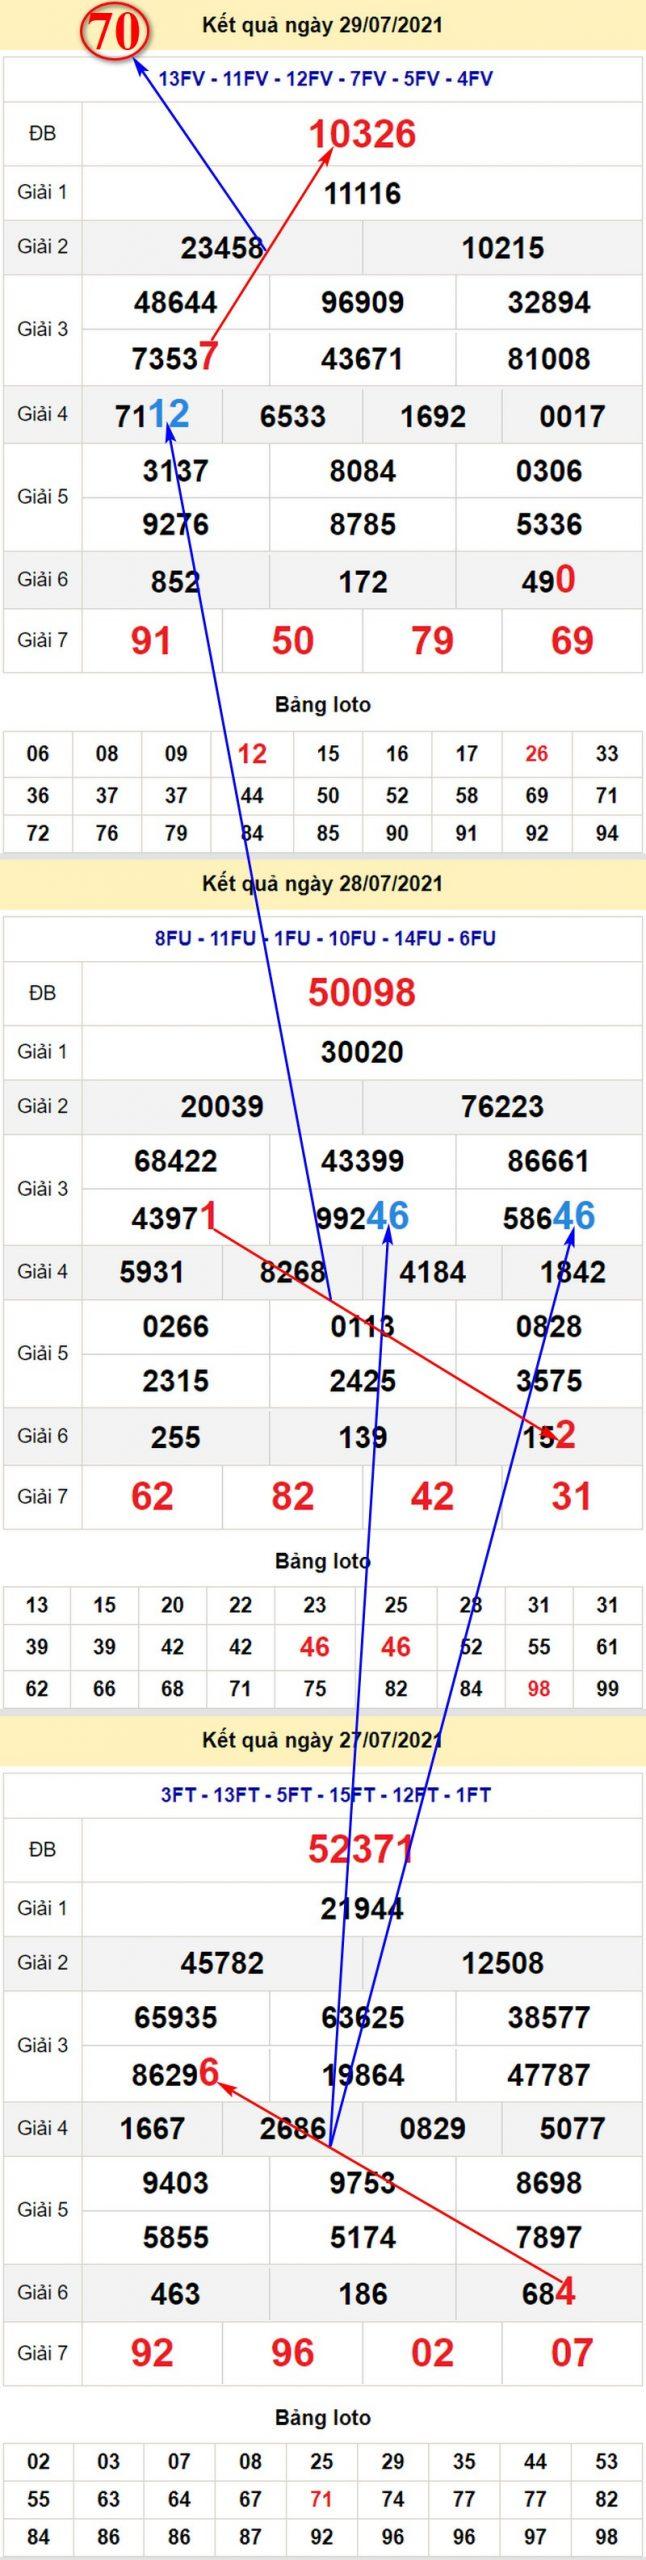 Chi tiết soi cầu dự đoán kết quả XSMB T6 ngày 30/7/2021